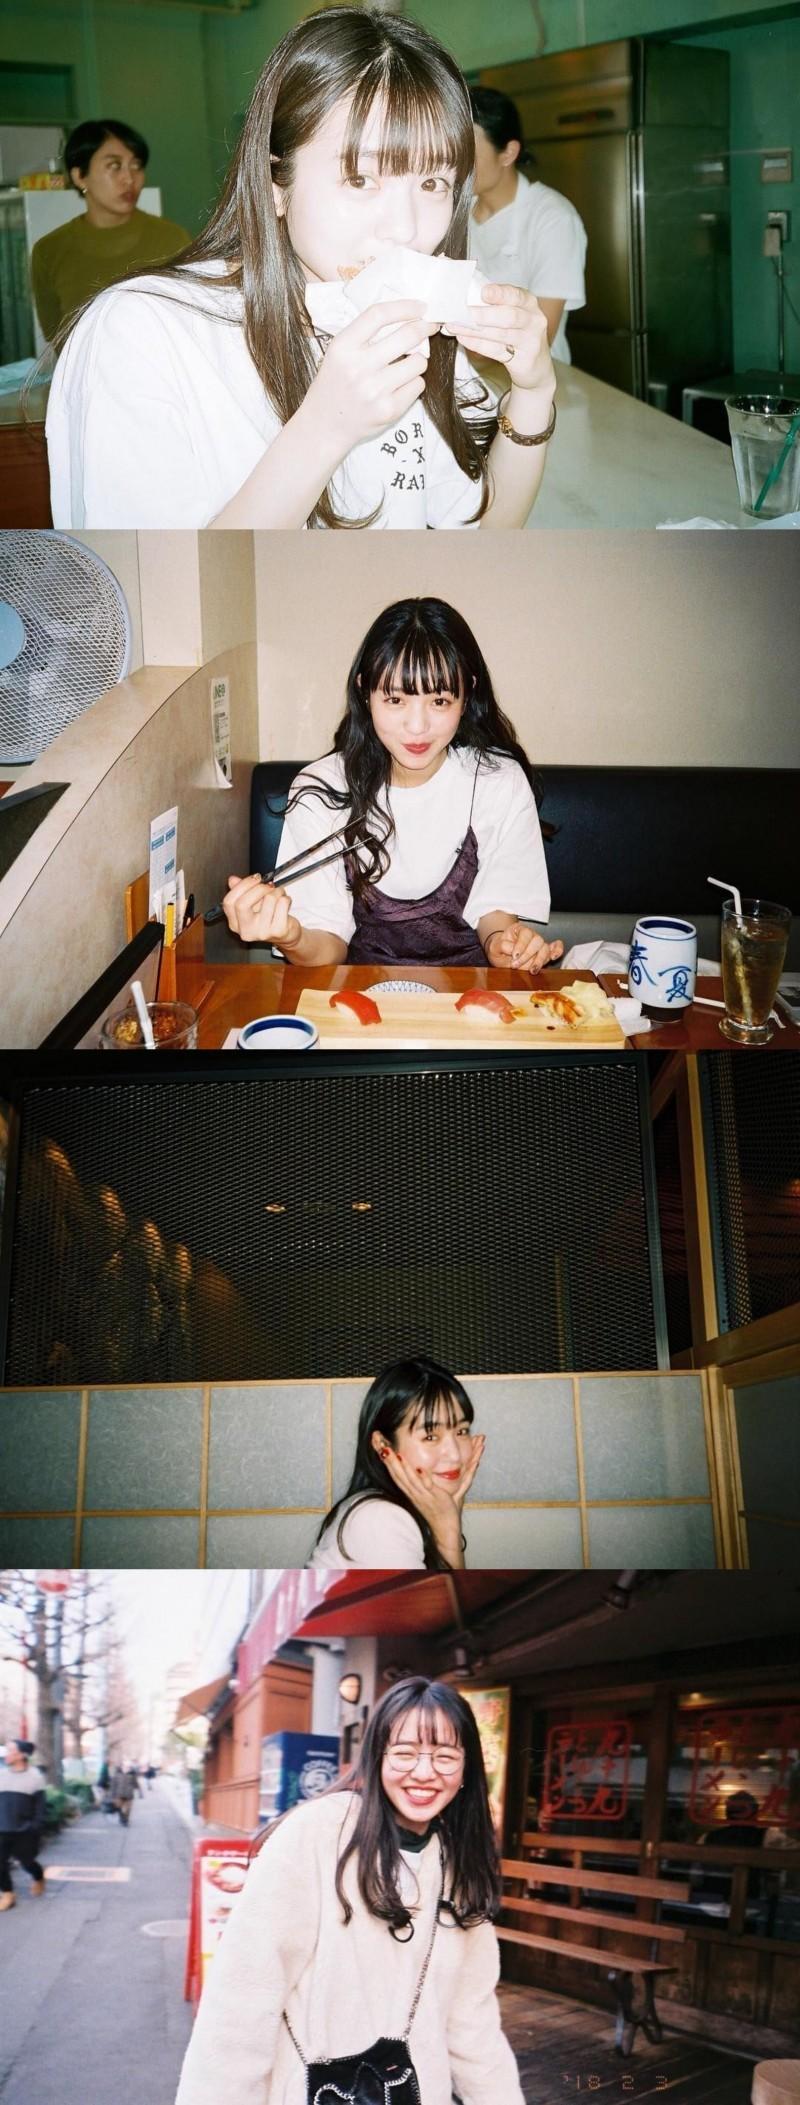 横田真悠 胶片日常合集 可爱的女孩纸 